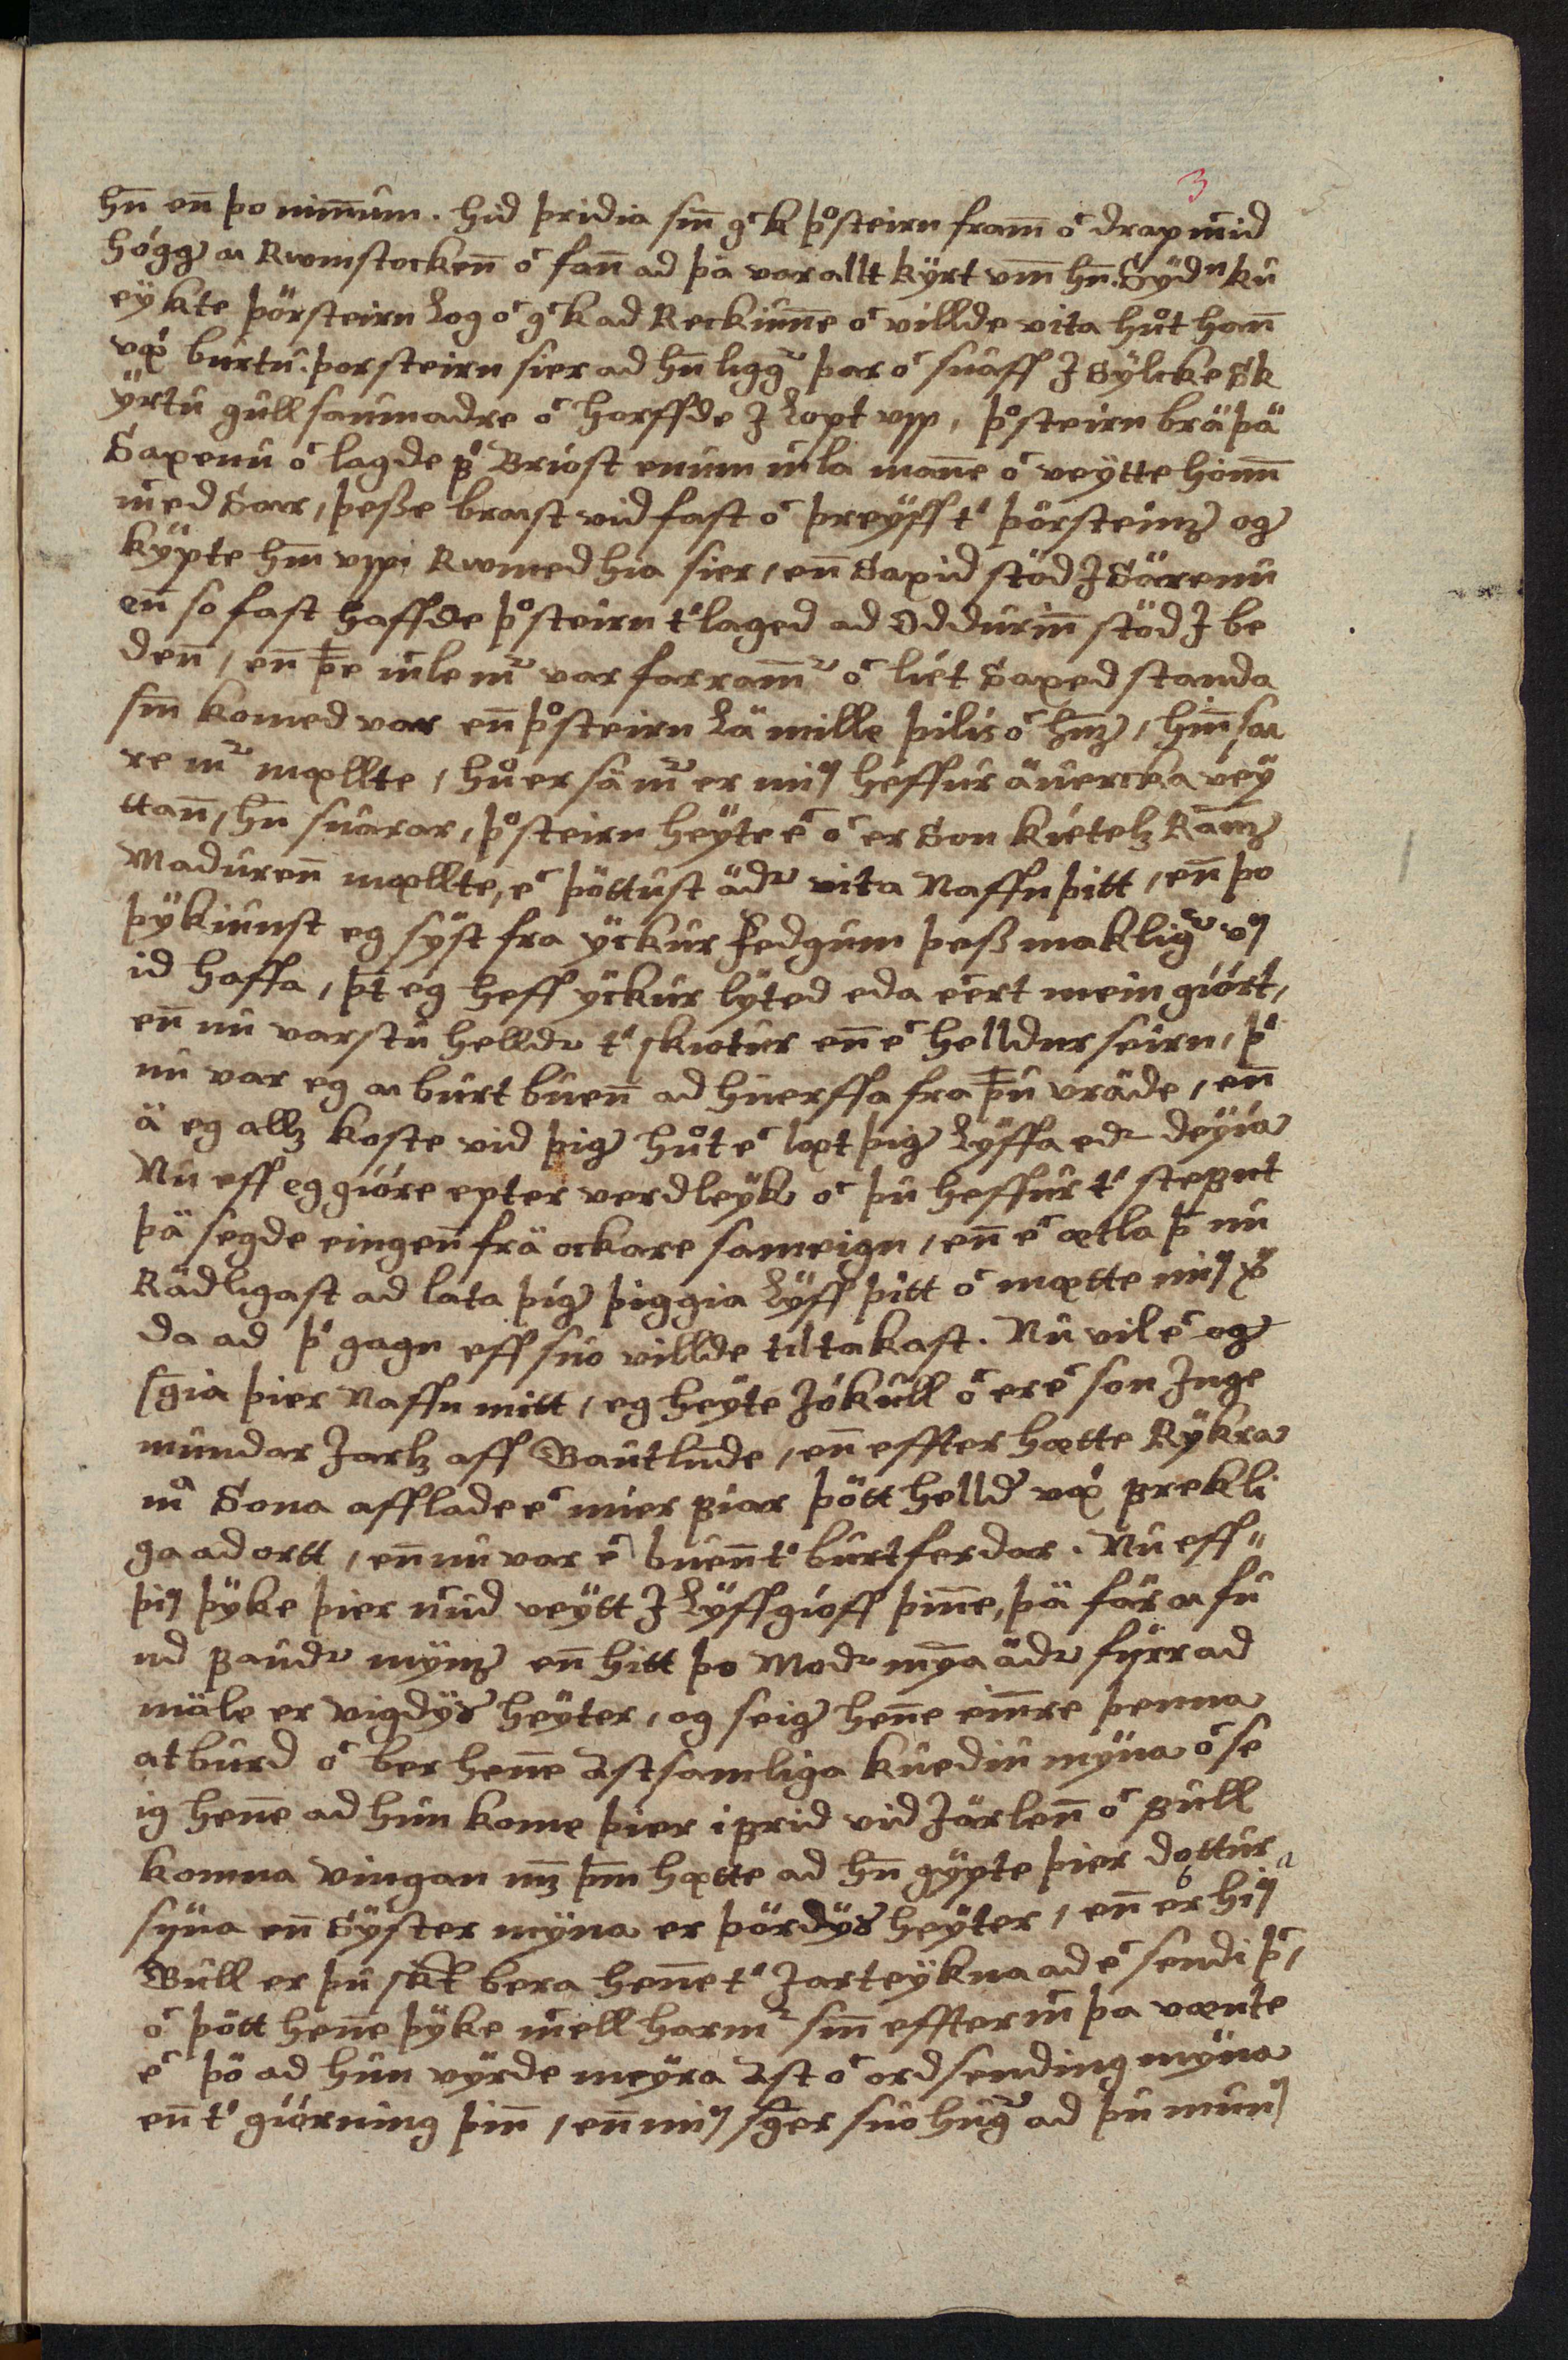 AM 138 fol - 3r